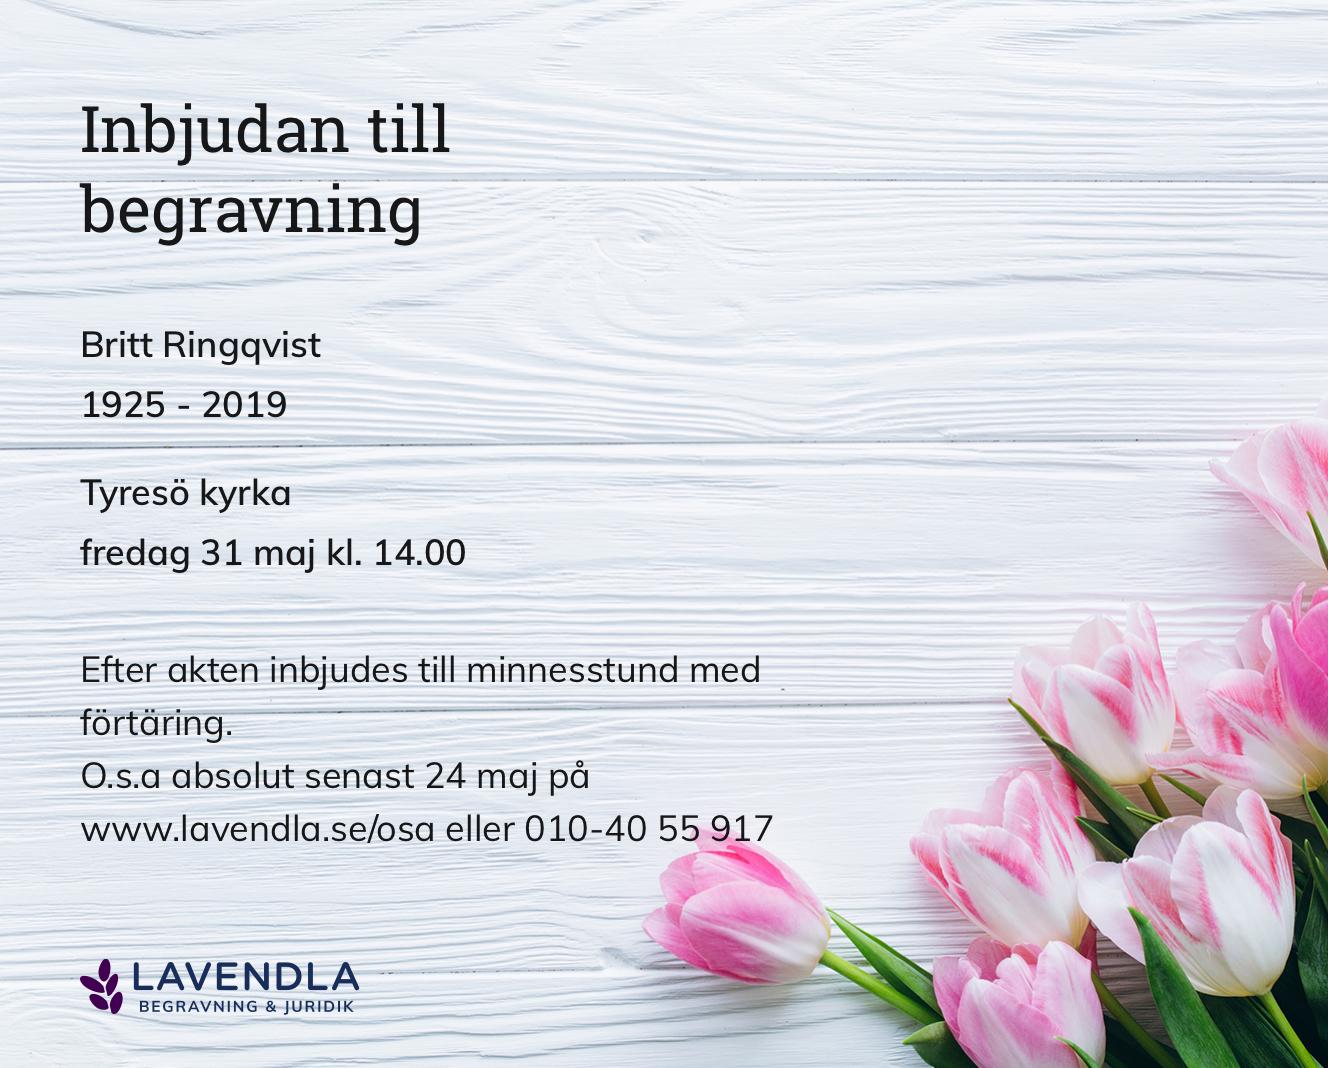 Inbjudningskort till ceremonin för Britt Ringqvist